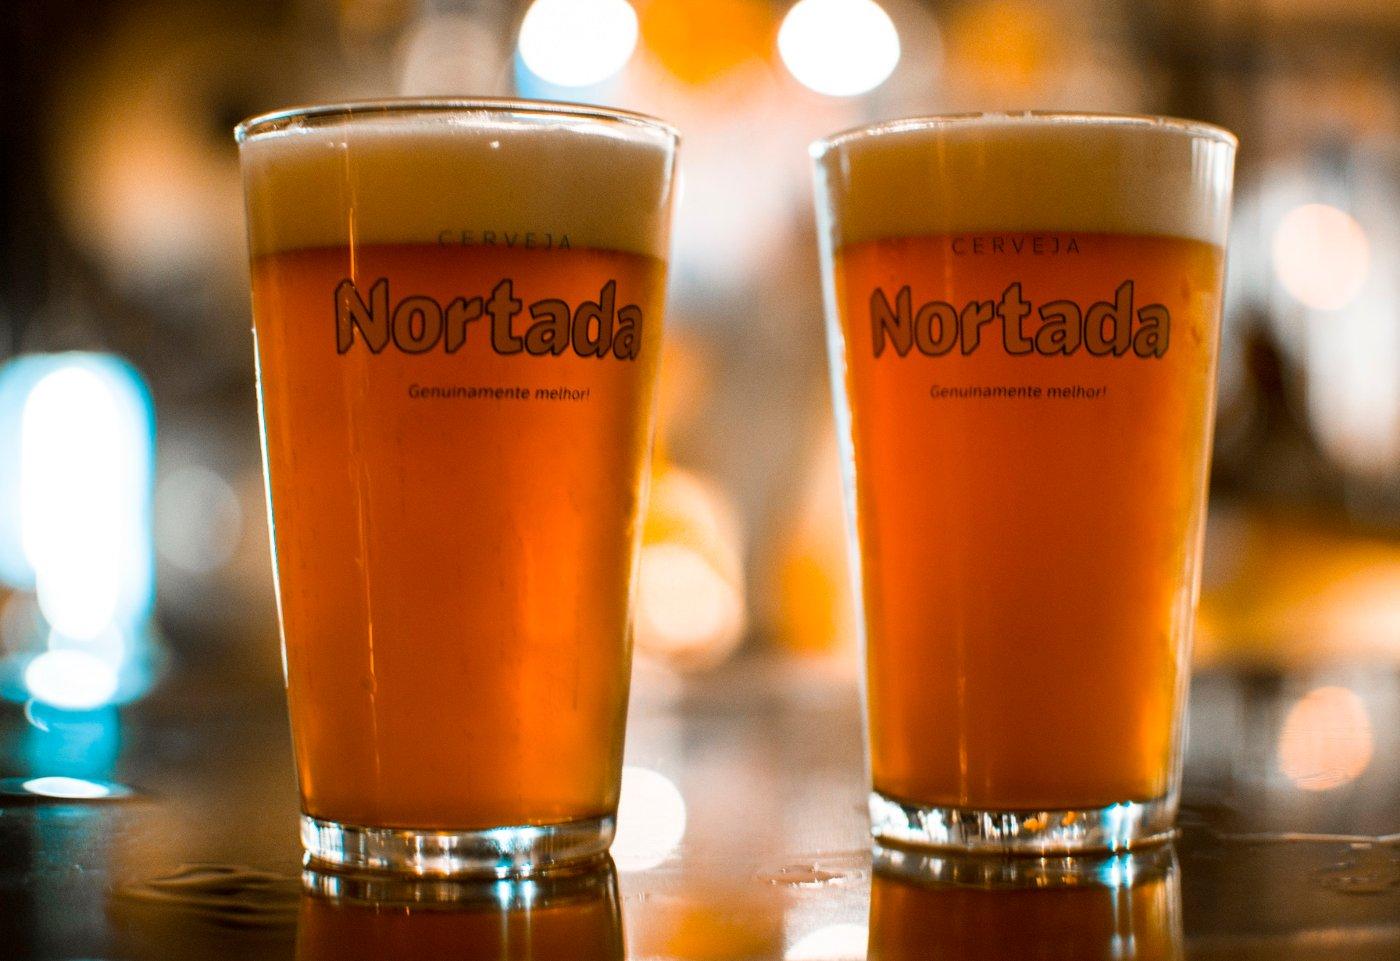 Copos de cerveja Nortada